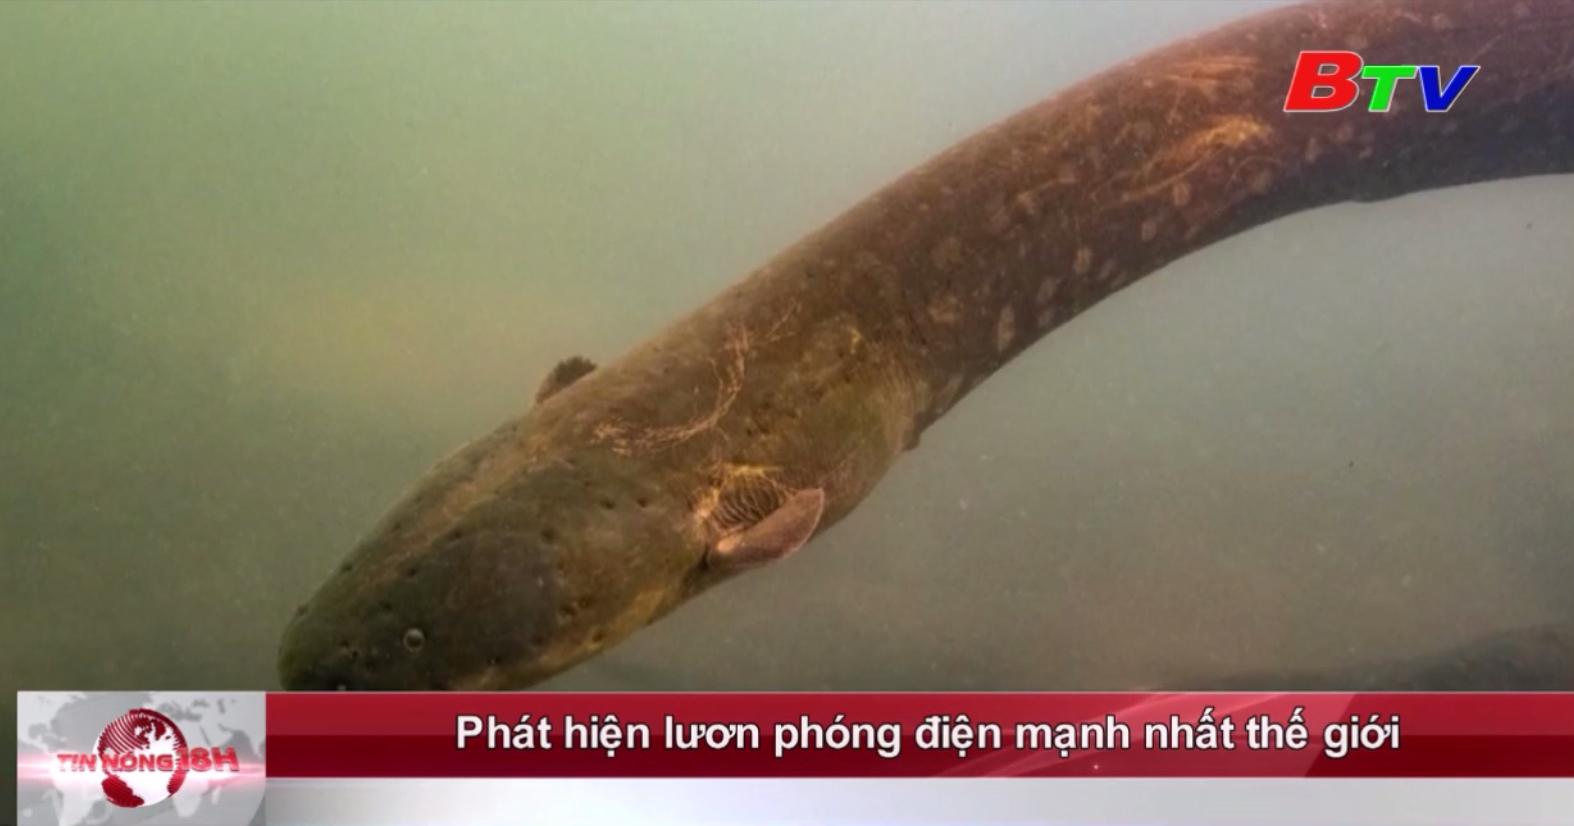 Phát hiện lươn phóng điện mạnh nhất thế giới